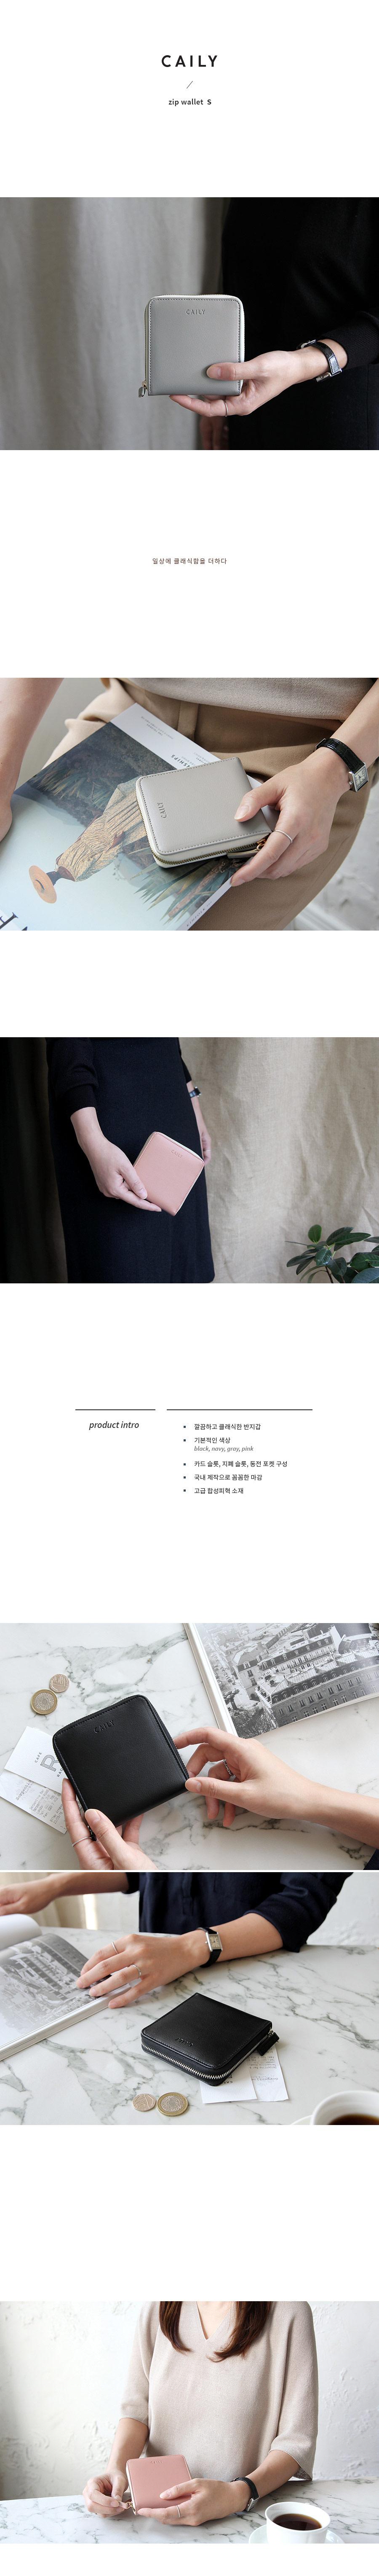 케일리 지퍼월렛-s38,000원-건망증패션잡화, 지갑, 여성용, 반지갑바보사랑케일리 지퍼월렛-s38,000원-건망증패션잡화, 지갑, 여성용, 반지갑바보사랑